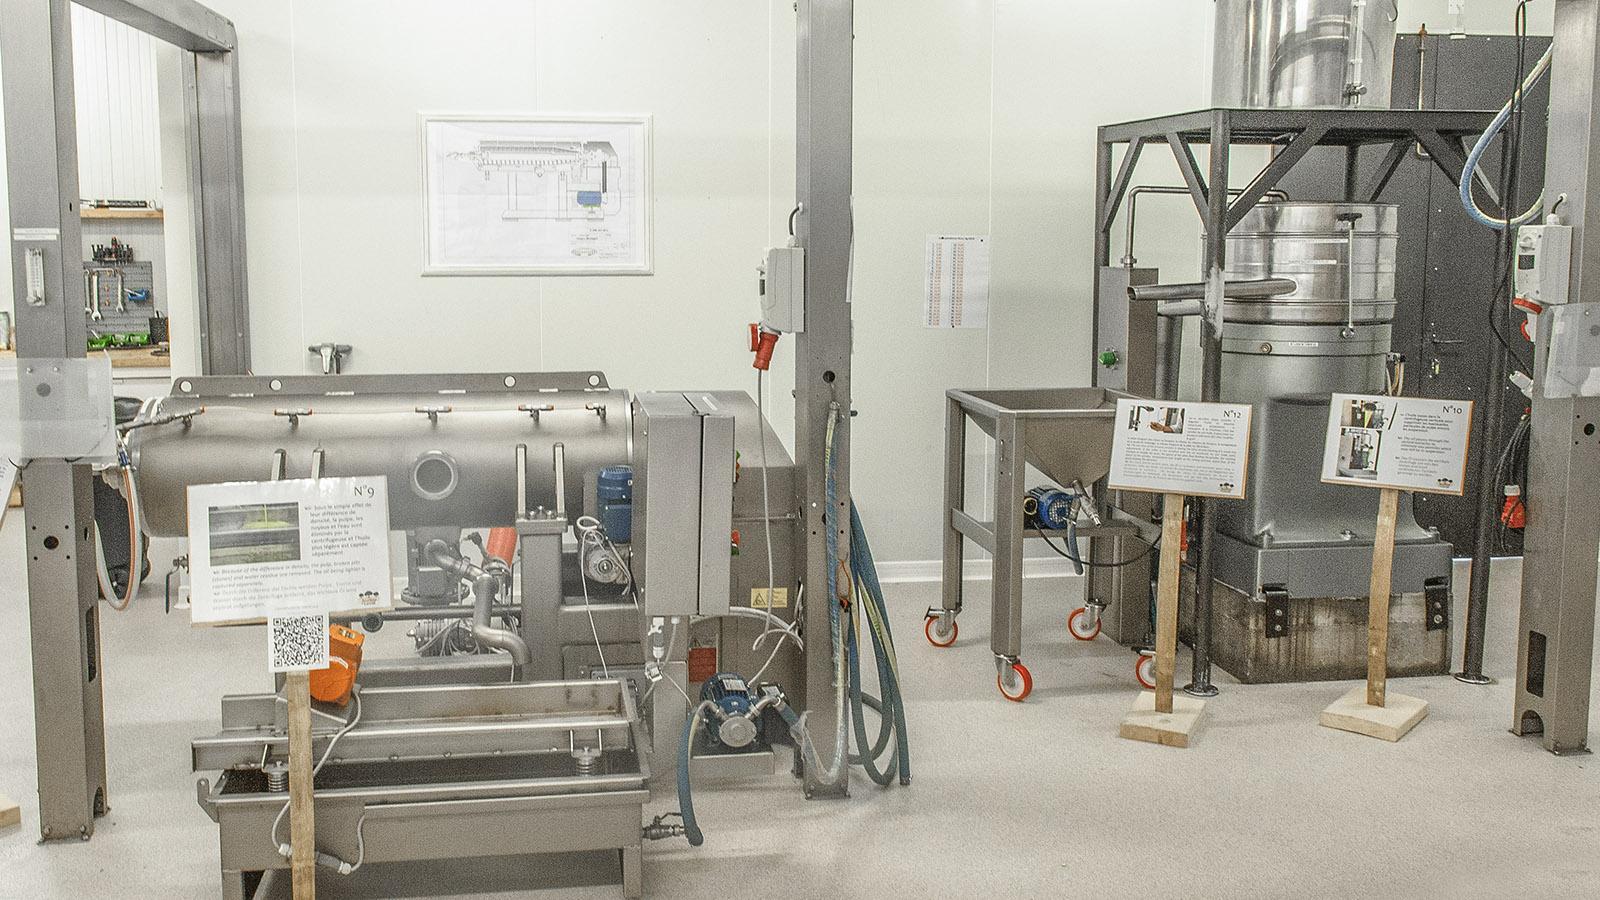 Bastide de Laval: Die Herstellung des Olivenöl erläutern Infotafeln an den Maschinen. Foto: Hilke Maunder